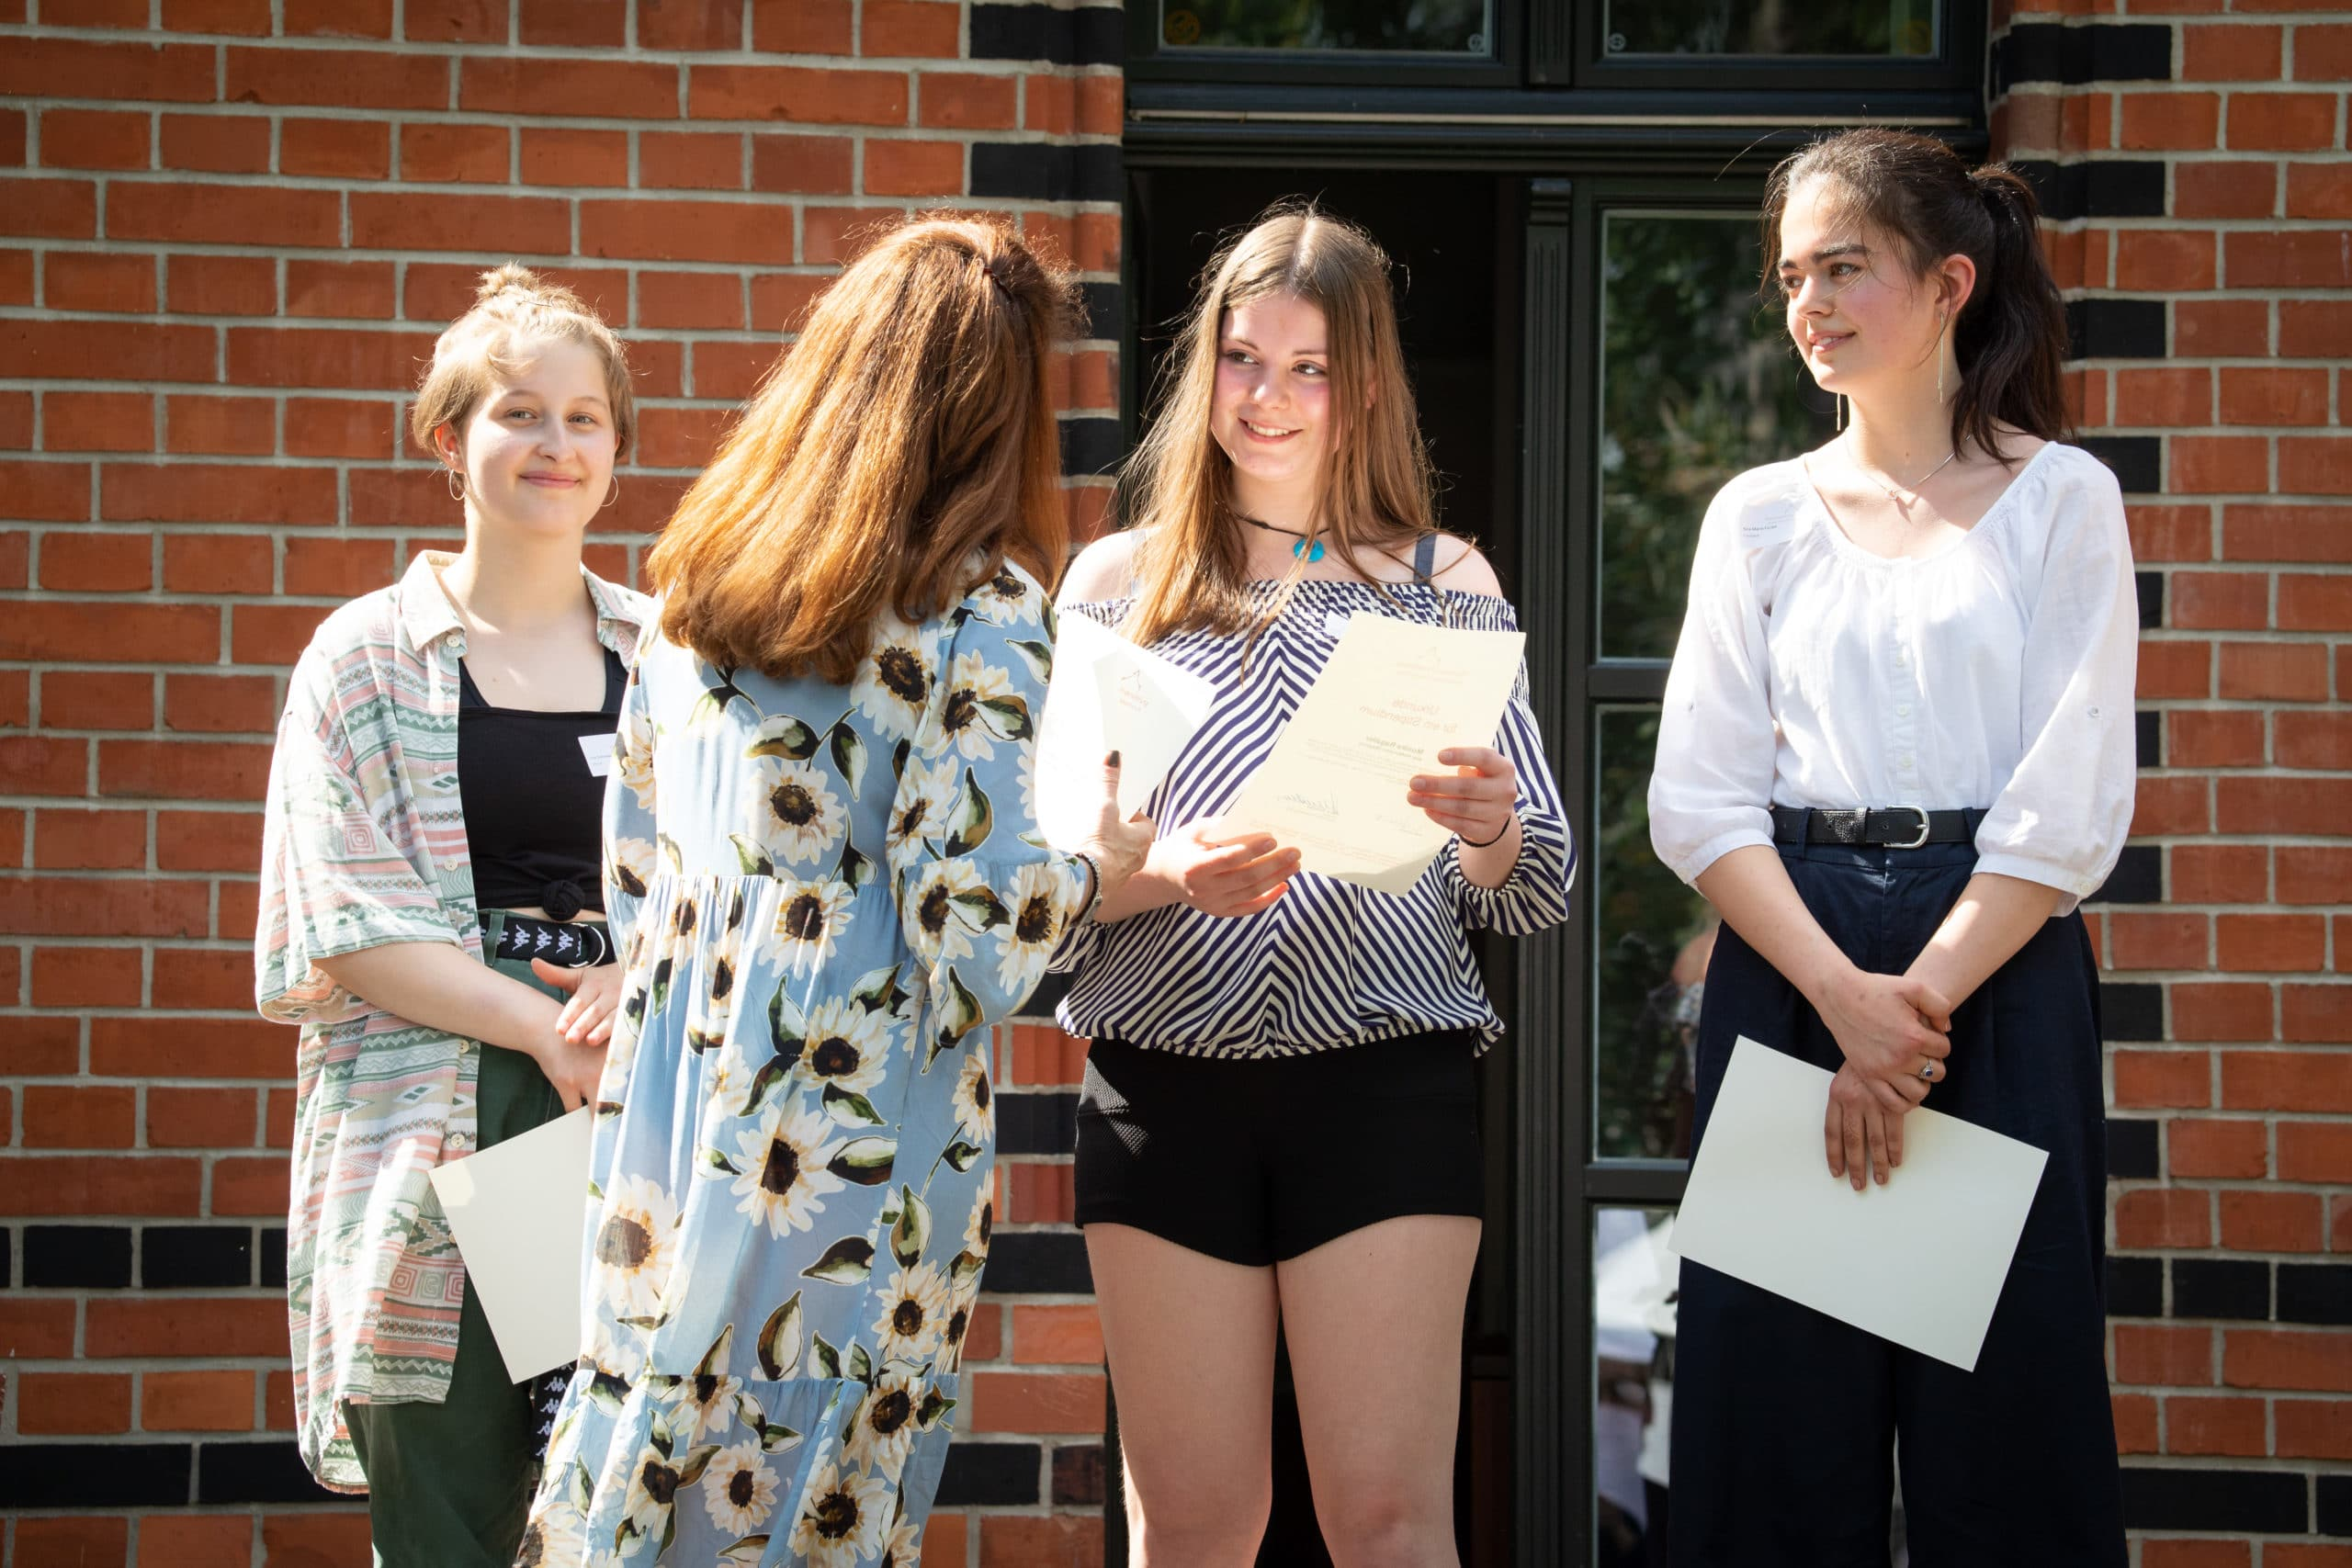 Spenderin überreicht Urkunde - Stipendienverleihung 2019